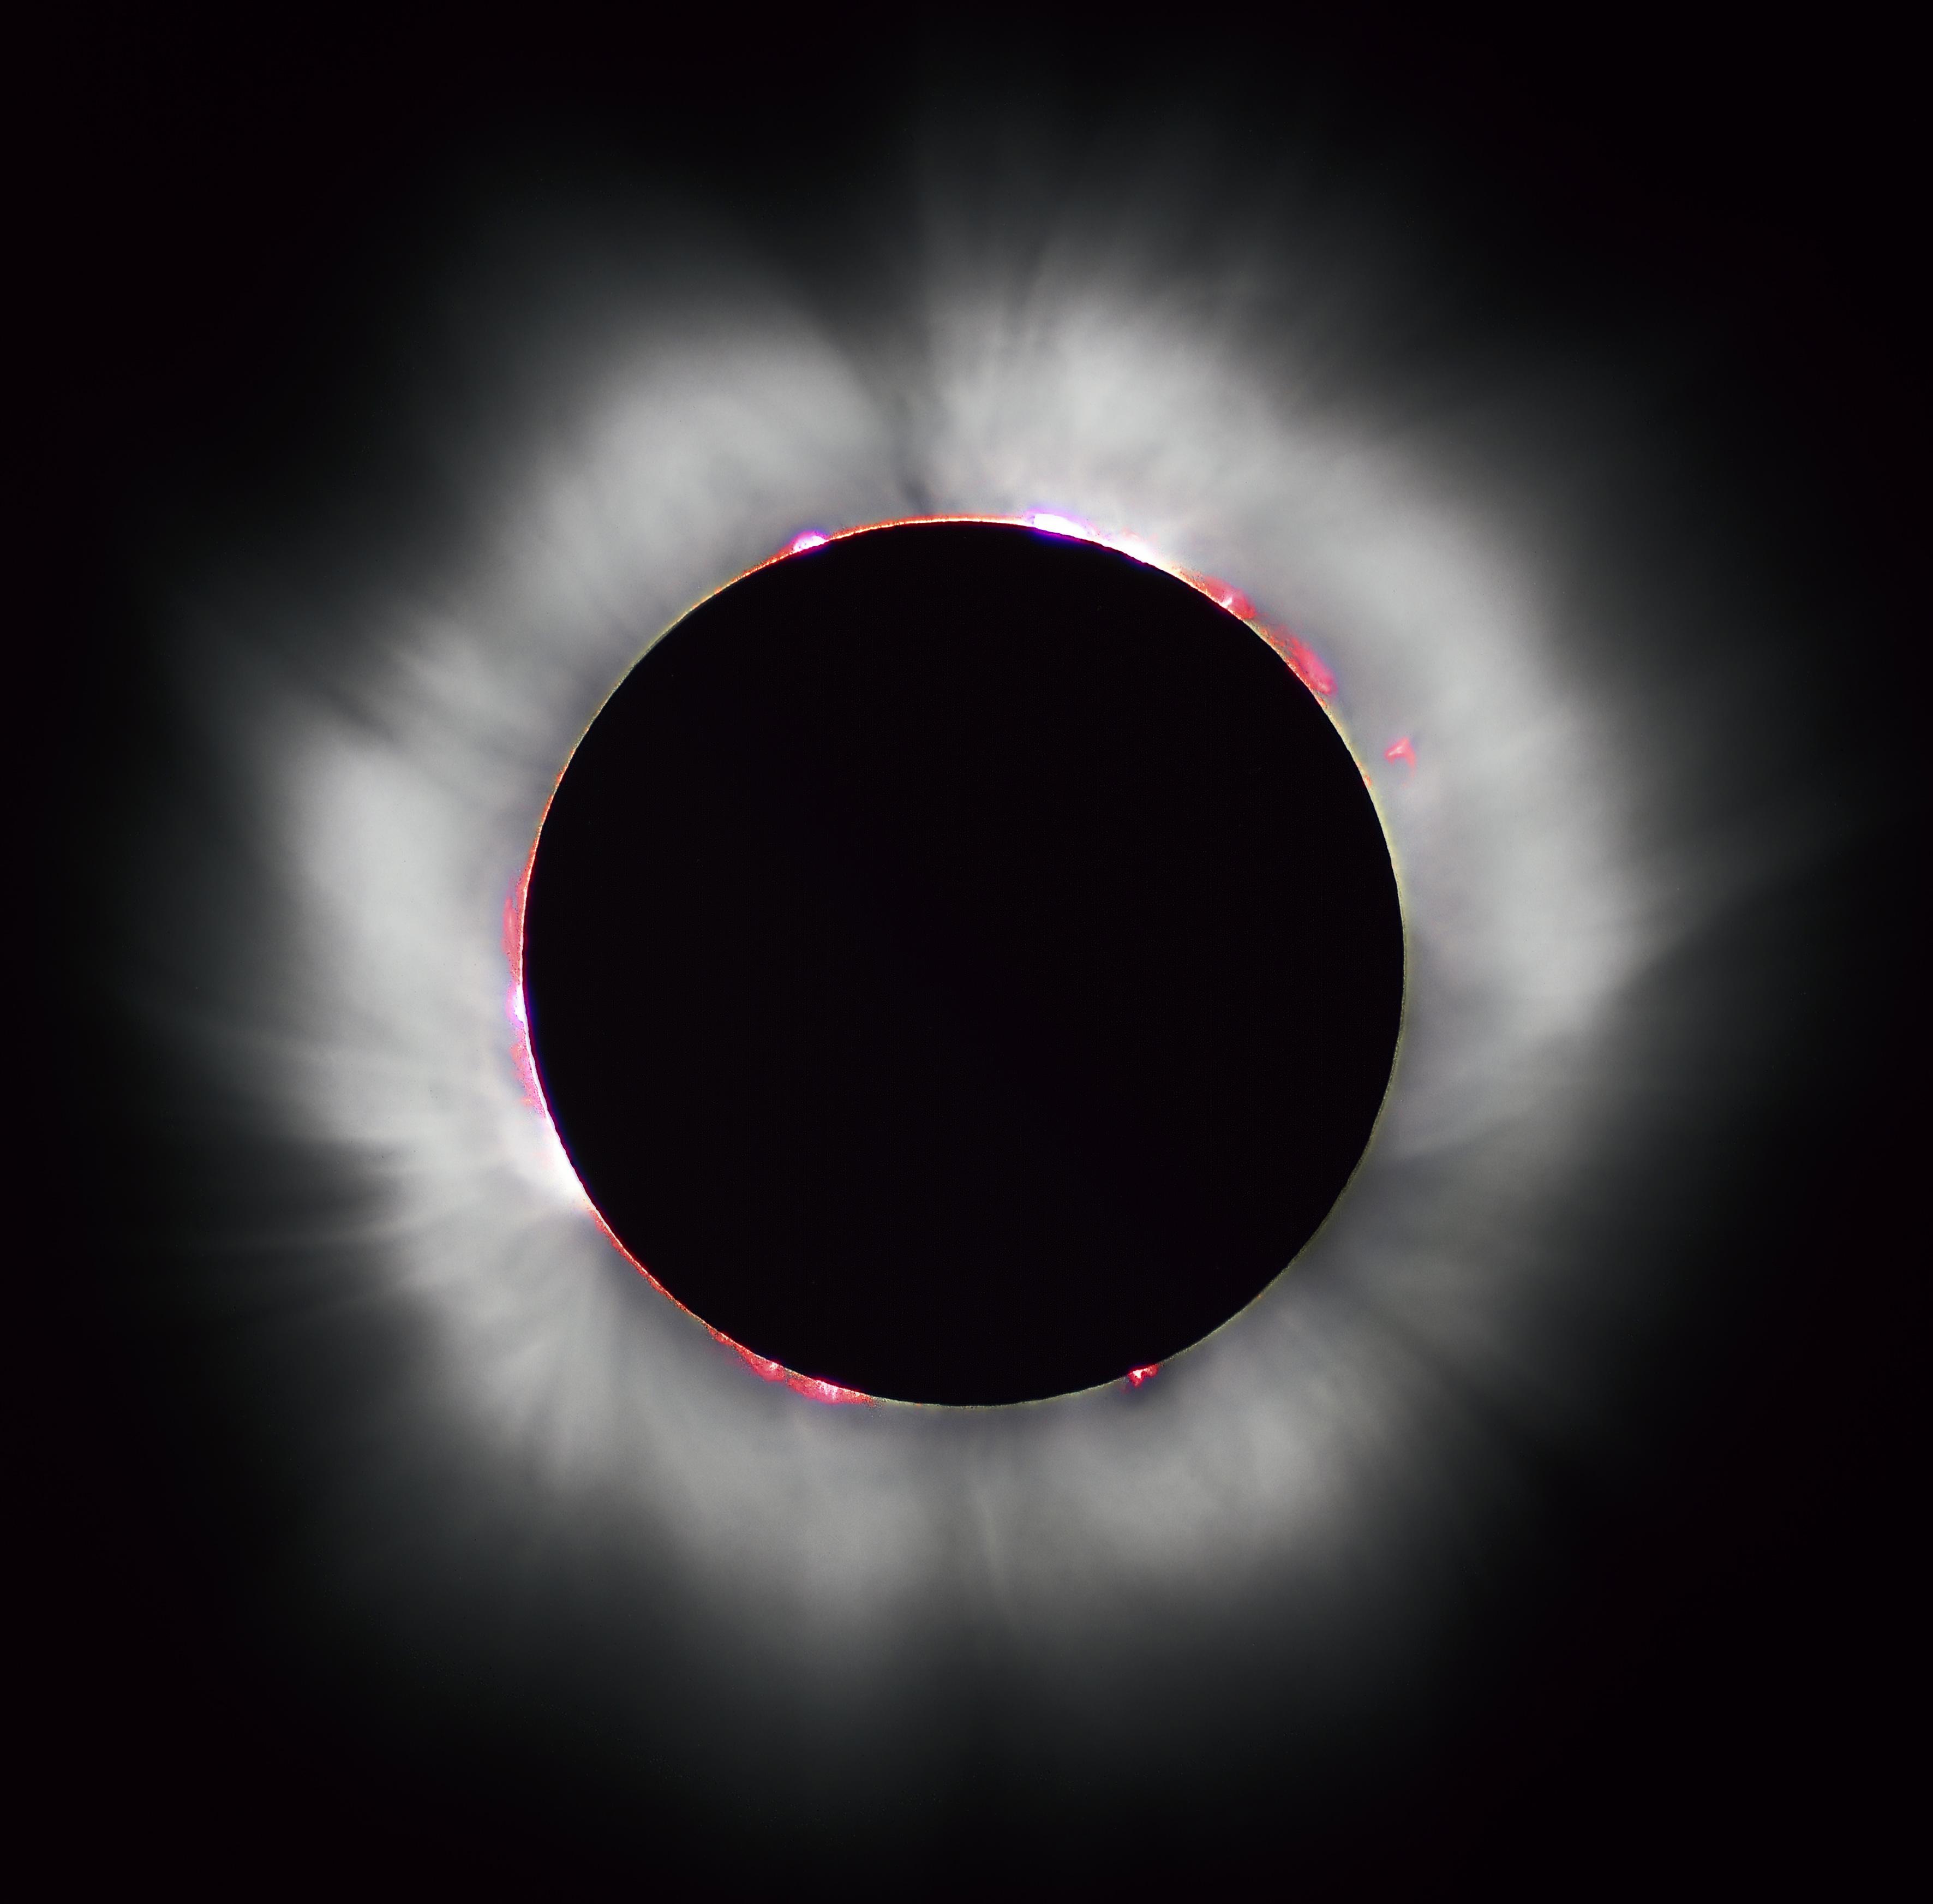 Solar_eclipse_1999_4_NR-2